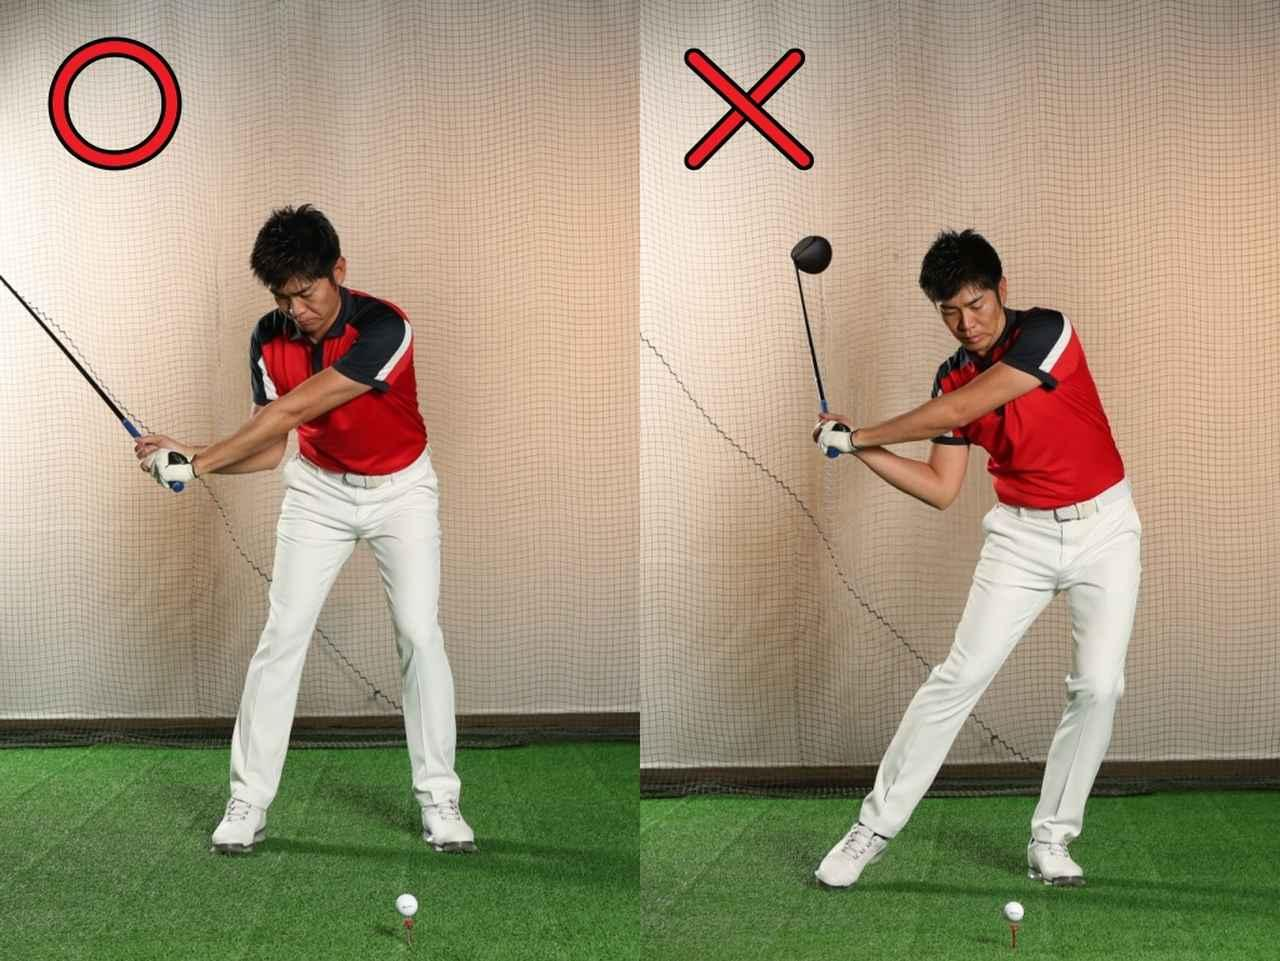 画像: 左右の体重移動を意識するとスウェイが起きやすい(左)ため、「右を踏んで、左を踏む」という上下方向の動き(左)を意識するほうが適切だという